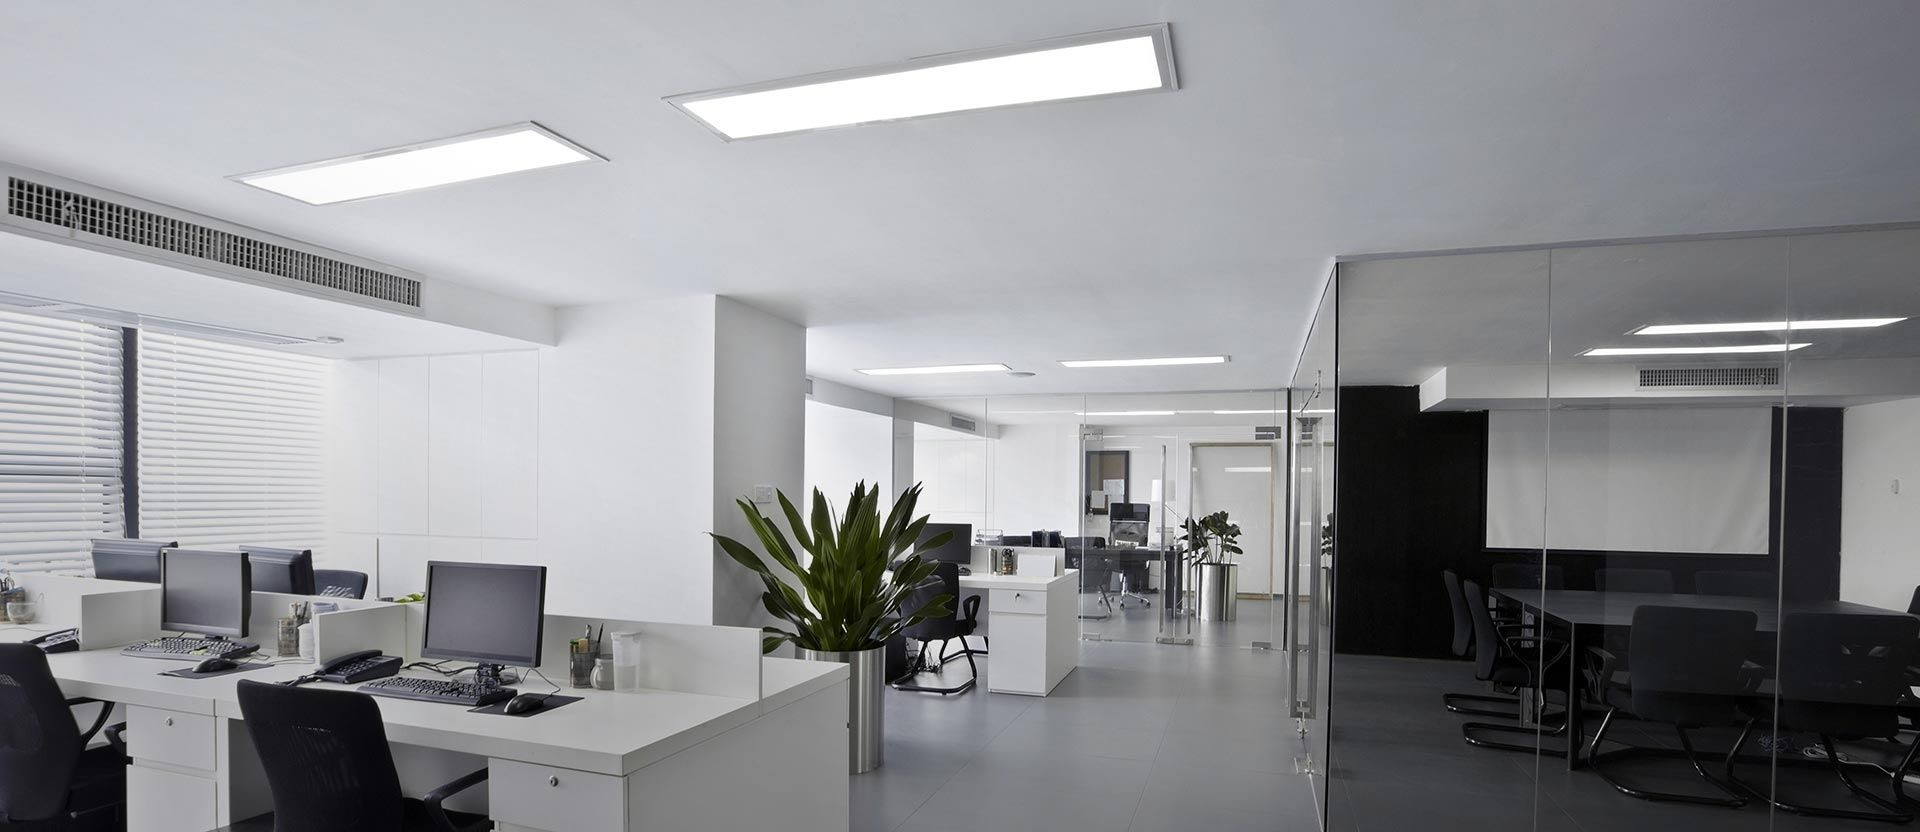 Функциональное  офисное освещение